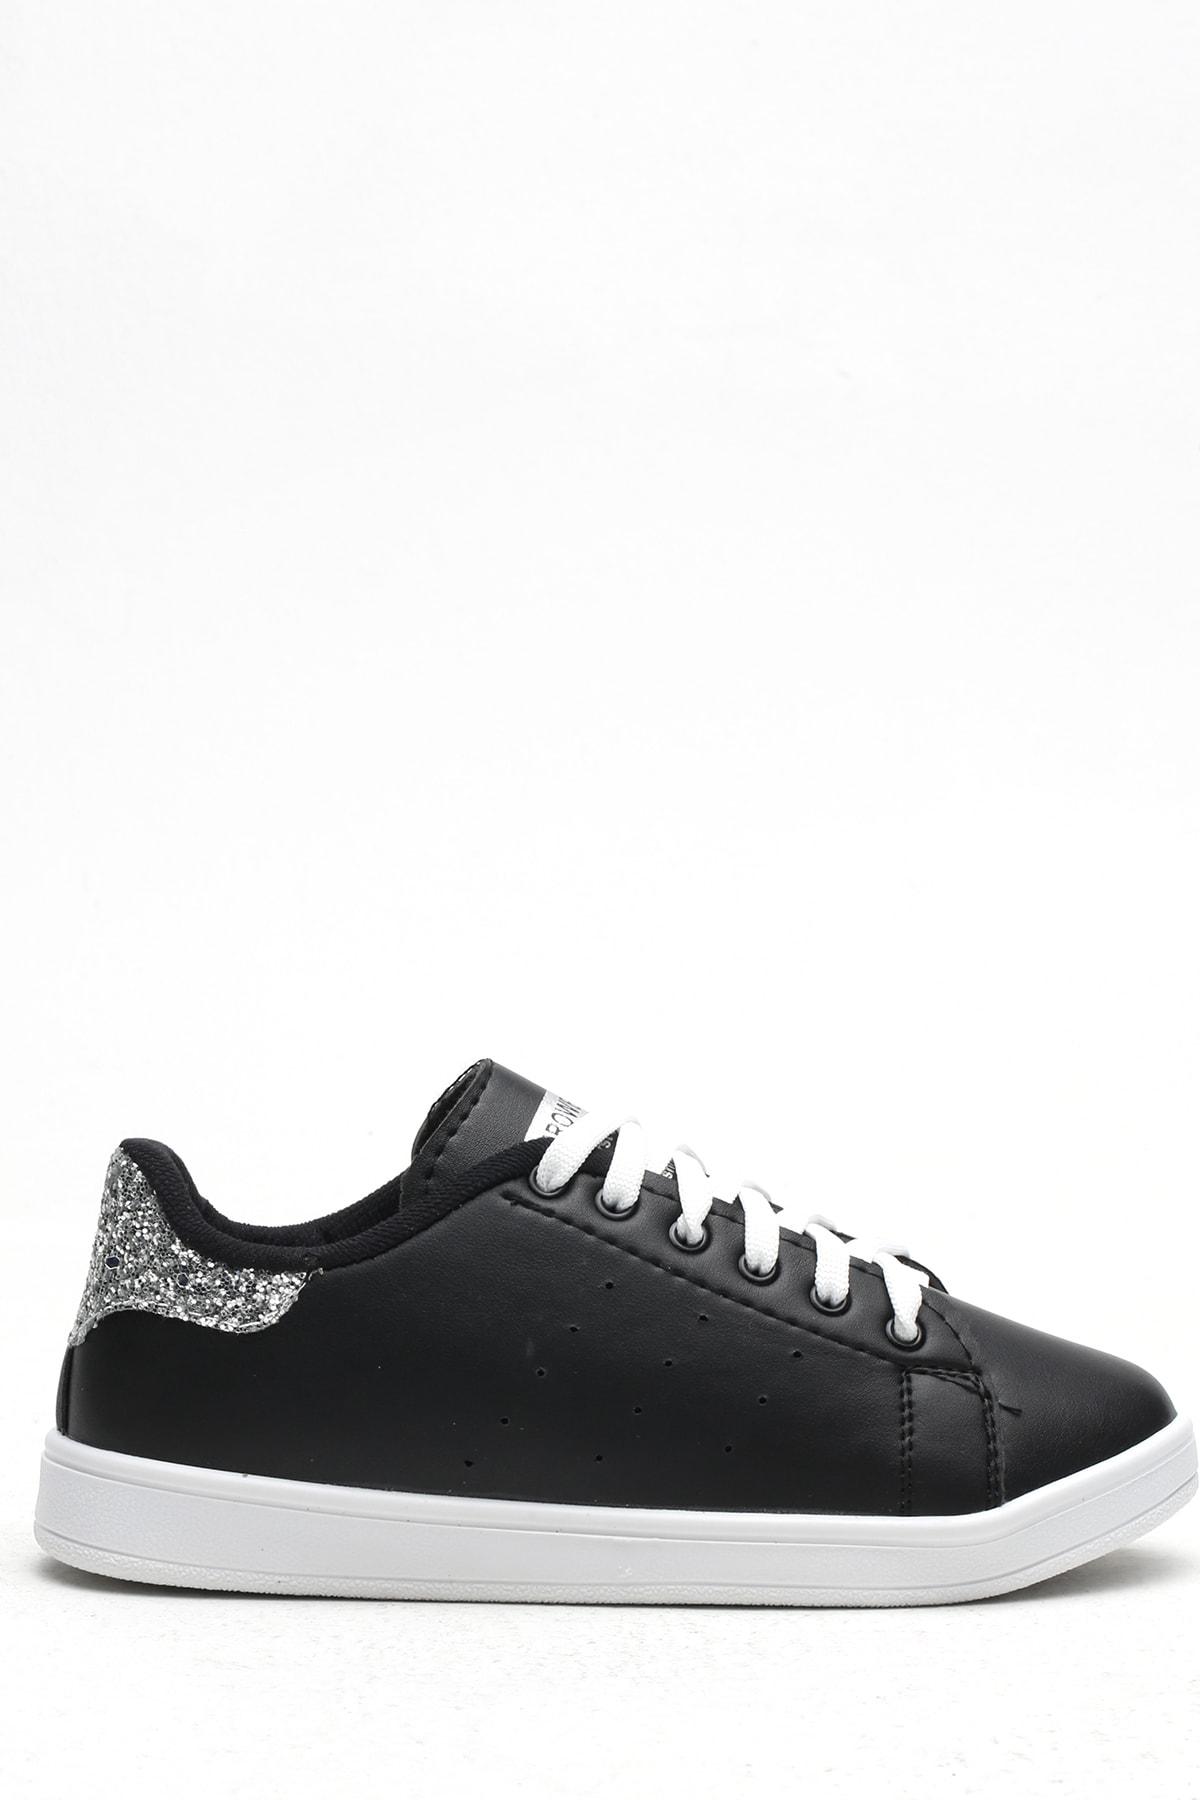 Ayakkabı Modası Siyah-Platin Kadın Casual Ayakkabı BM-4000-19-110003 0